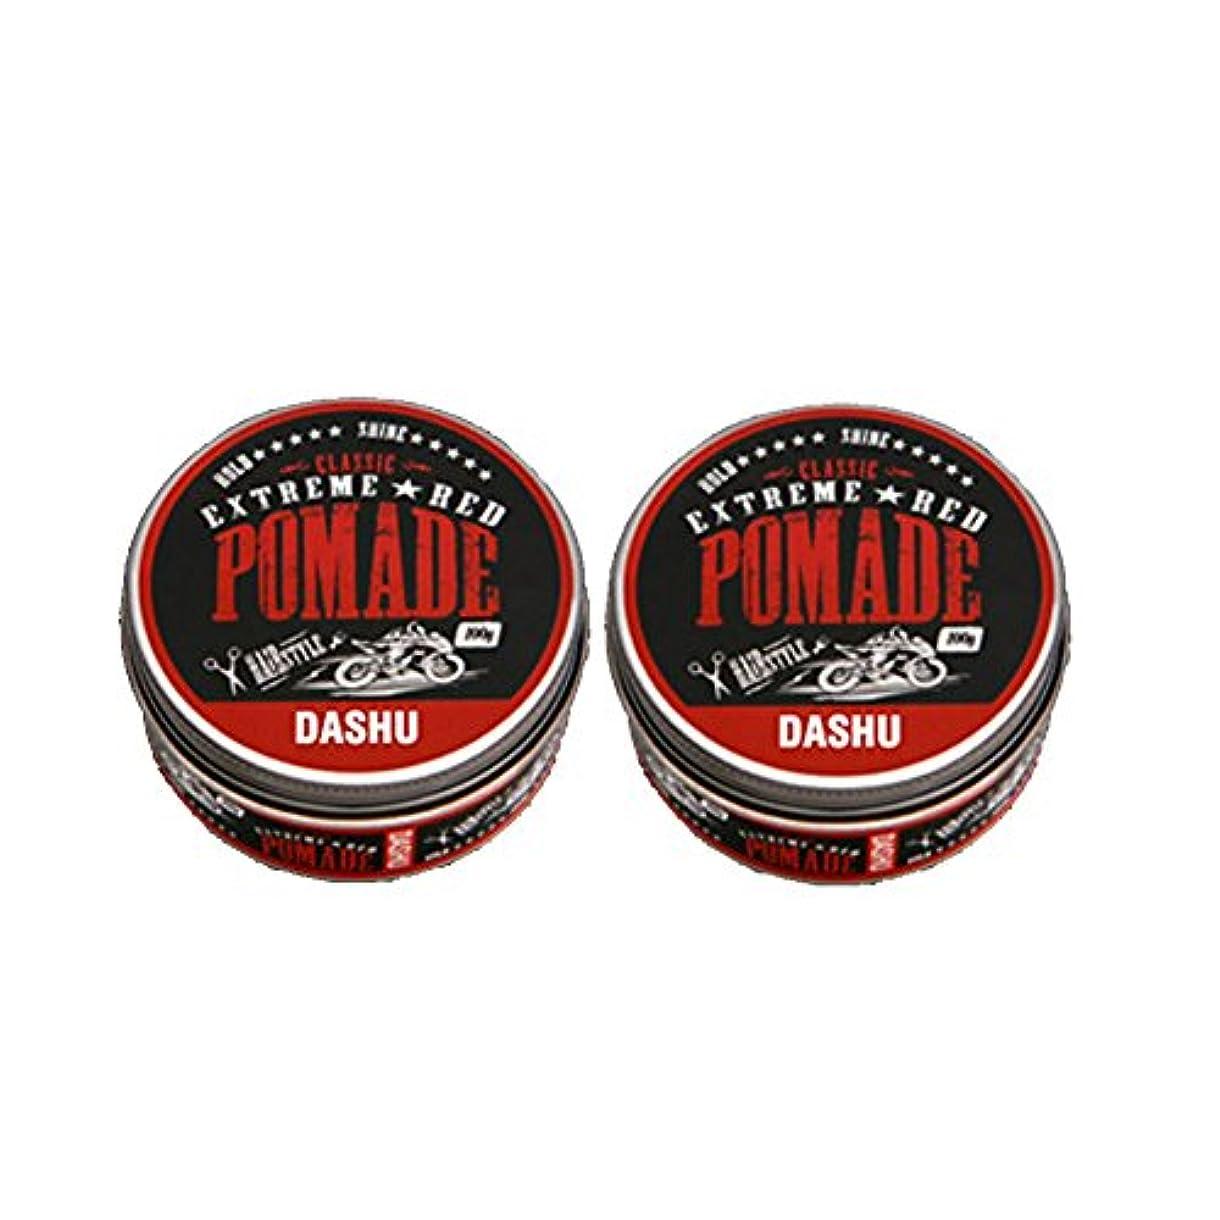 ストライクフリンジベーリング海峡(2個セット) x [DASHU] ダシュ クラシックエクストリームレッドポマード Classic Extreme Red Pomade Hair Wax 100ml / 韓国製 . 韓国直送品